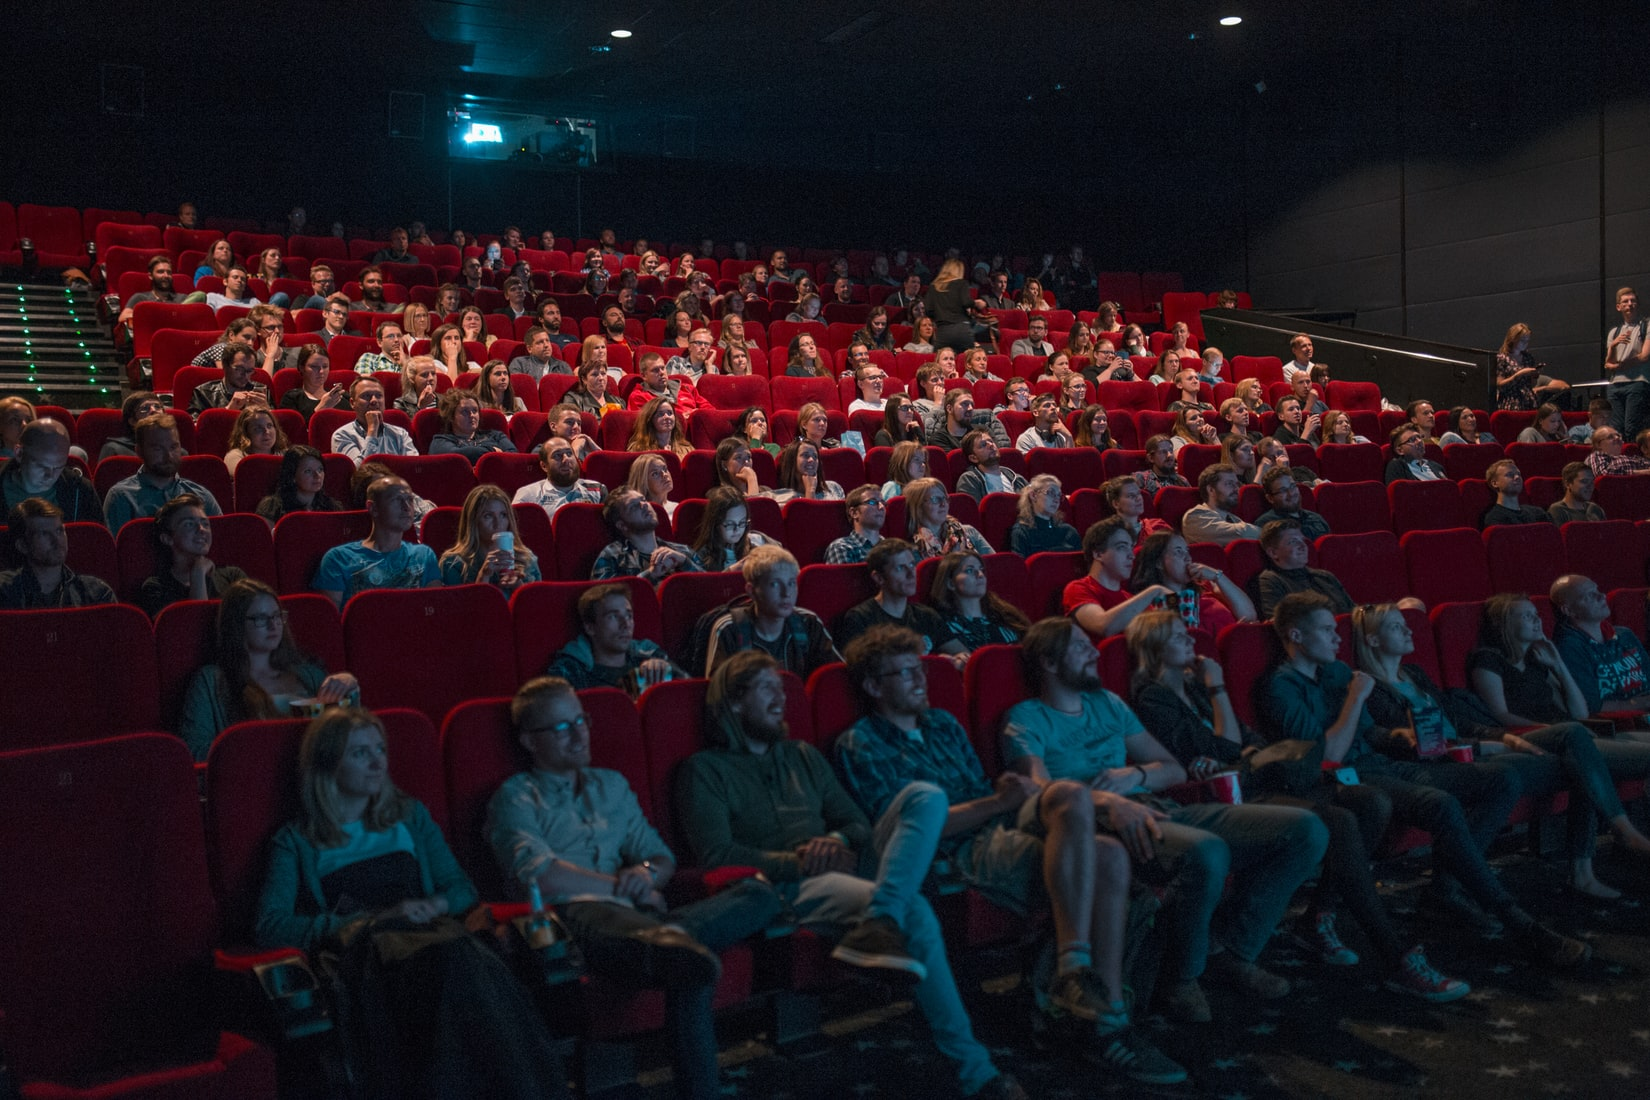 映画館で鑑賞する人々